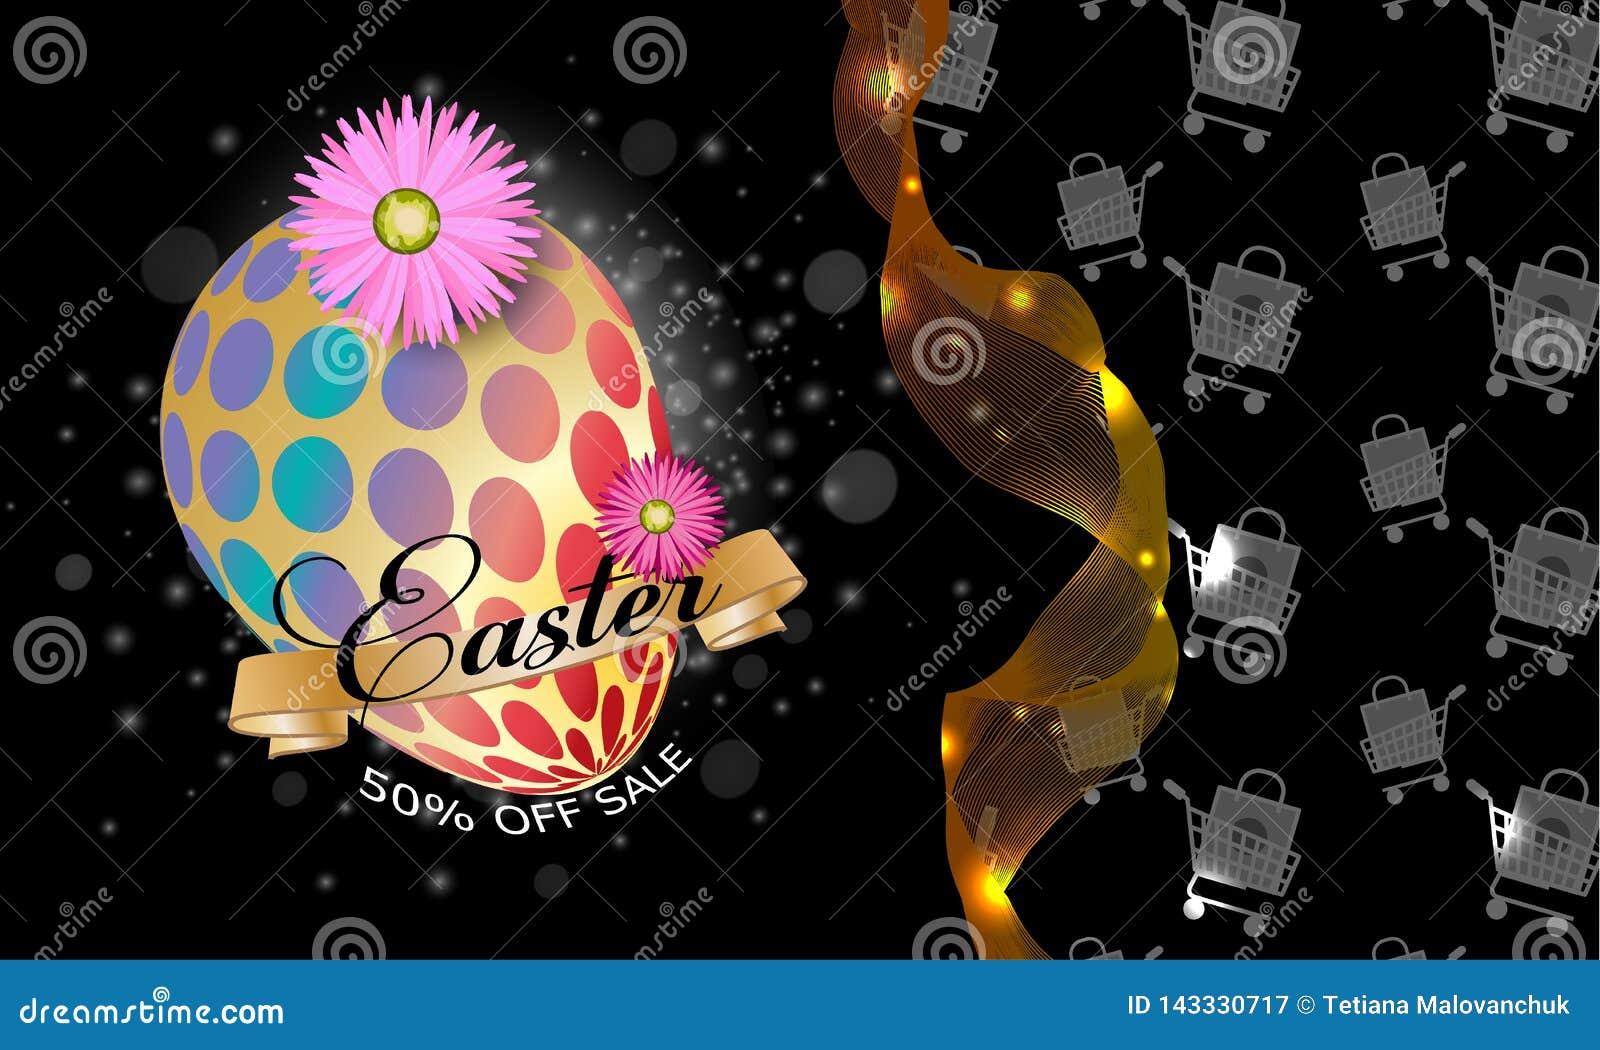 De kaart van de groet Gelukkig Pasen-malplaatje als achtergrond met l-bloemen en paasei Vectorillustratie - Beelden vectorielles